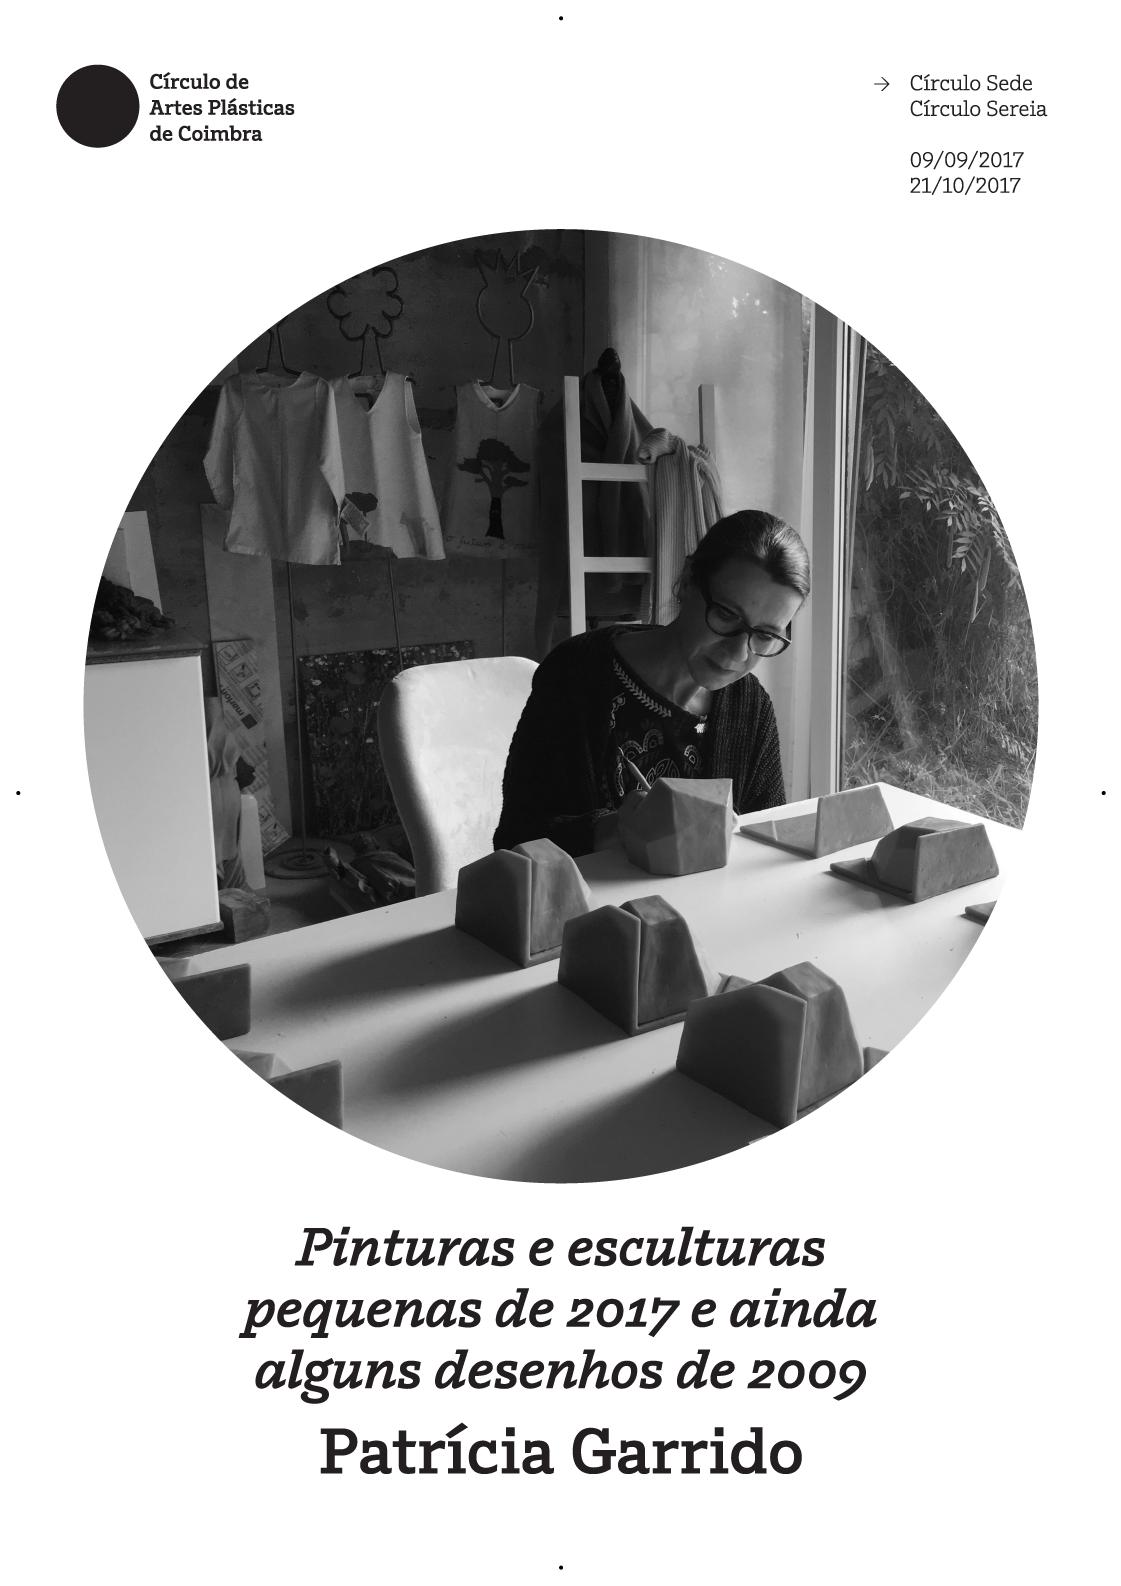 Patrícia Garrido [Cartaz]